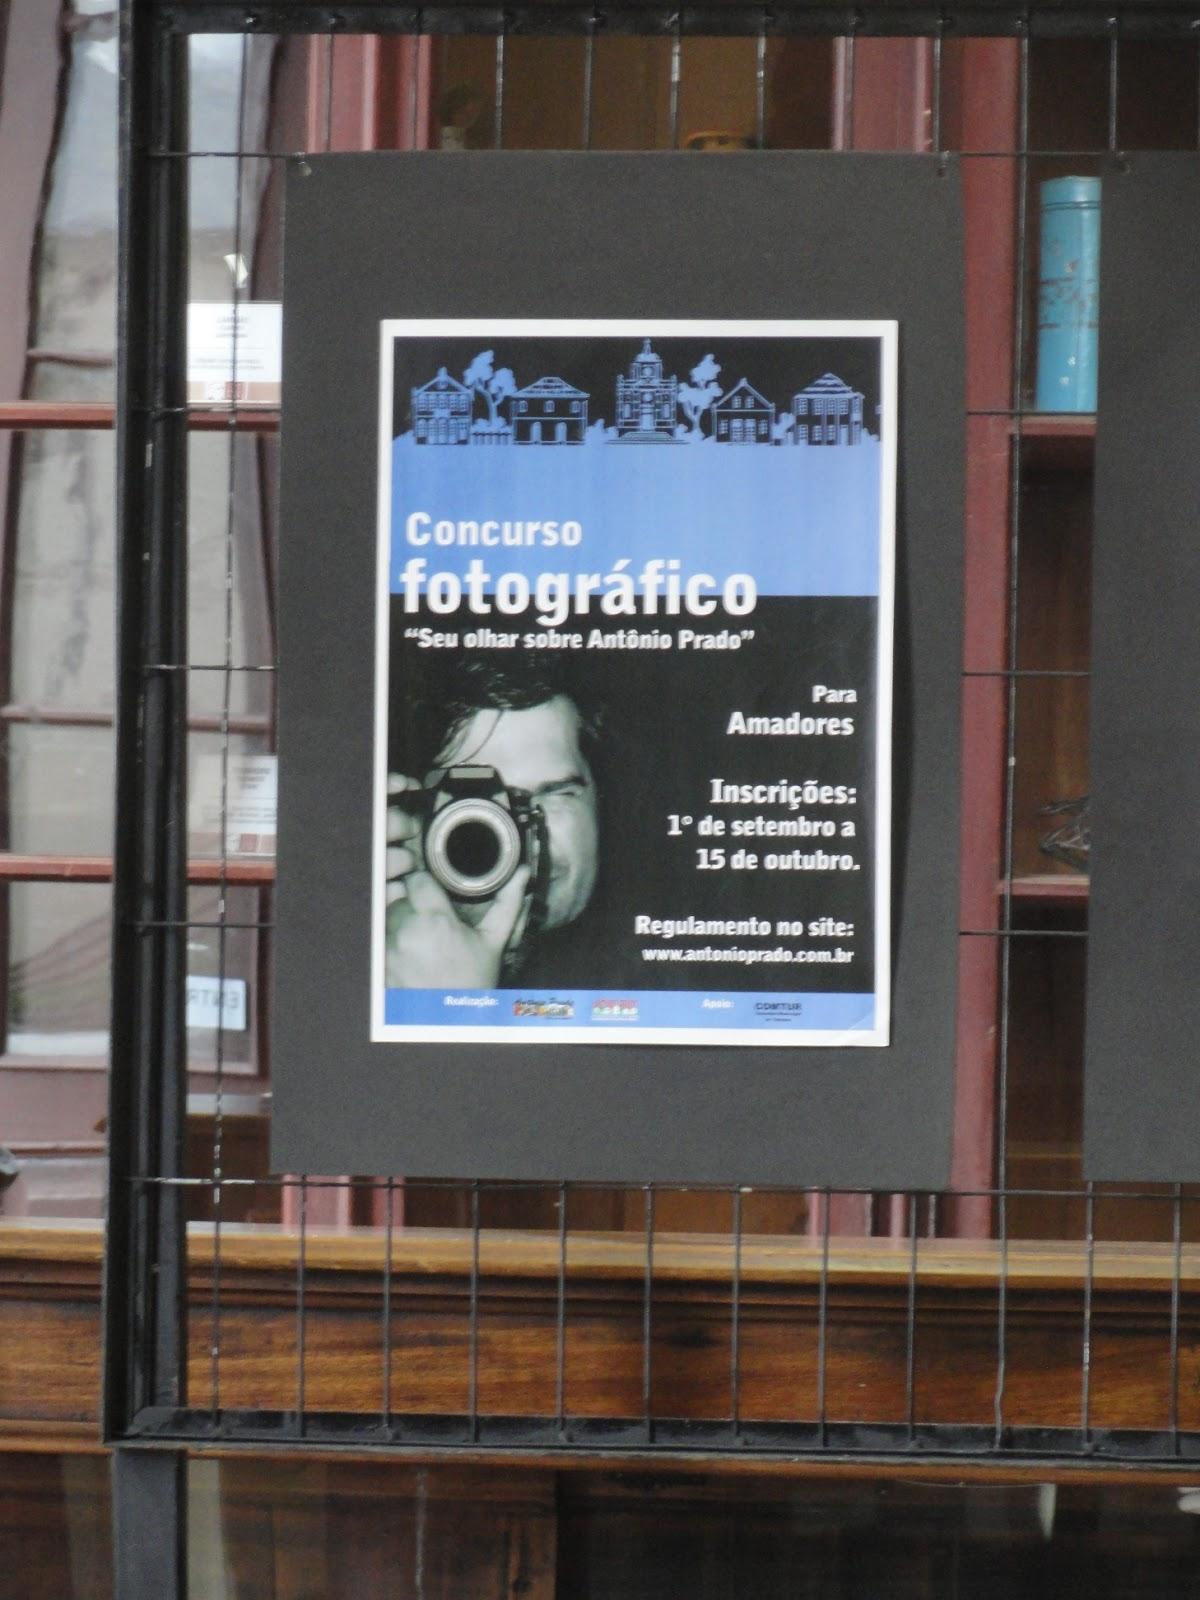 Concurso fotografico clarin 2010 8